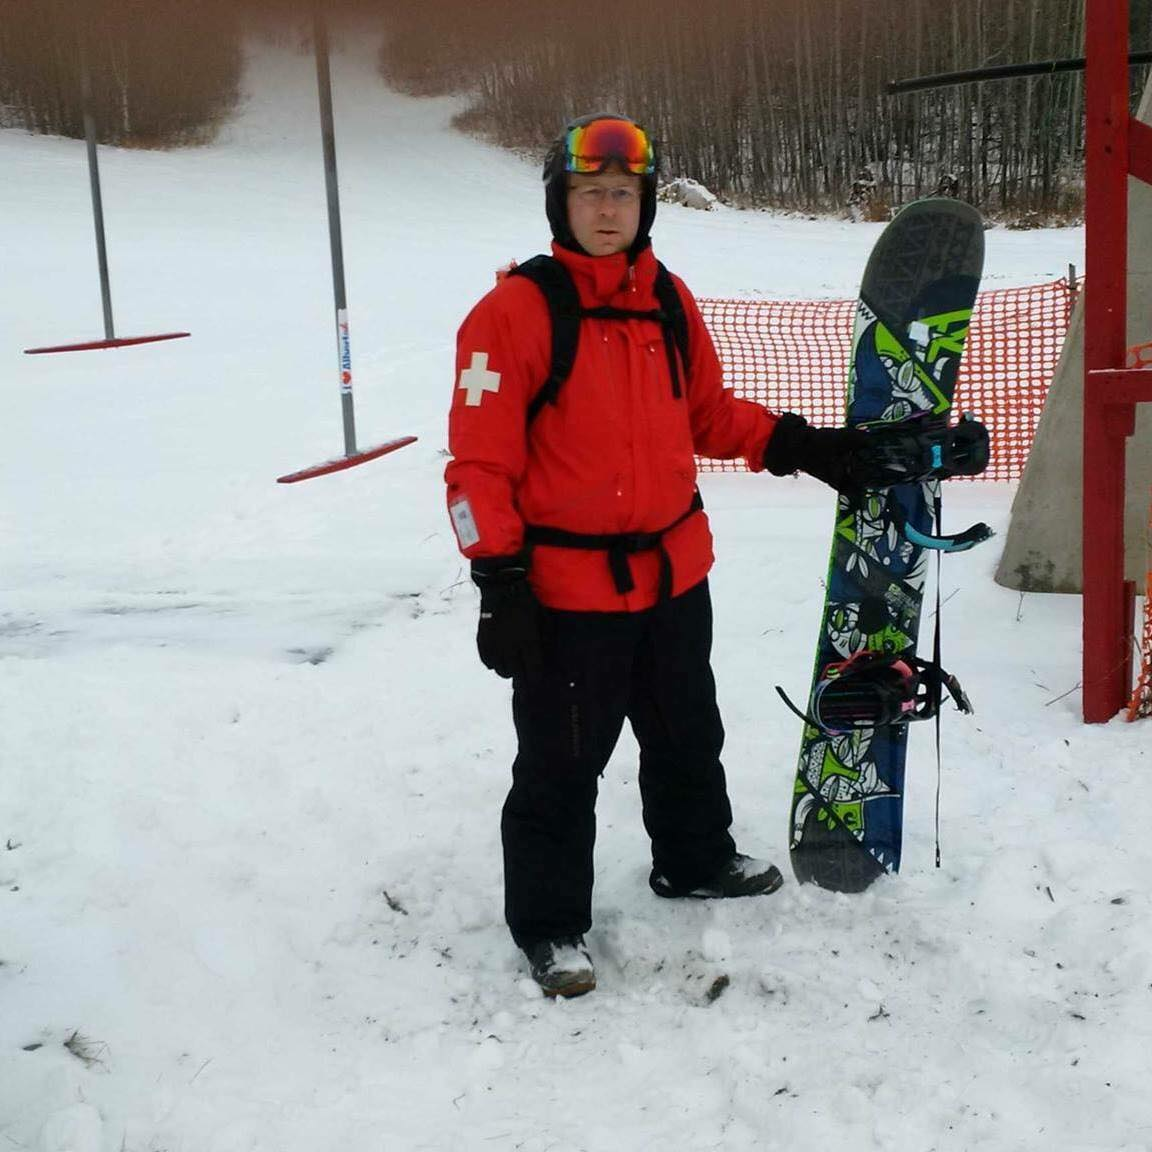 Volunteering with the ski patrol